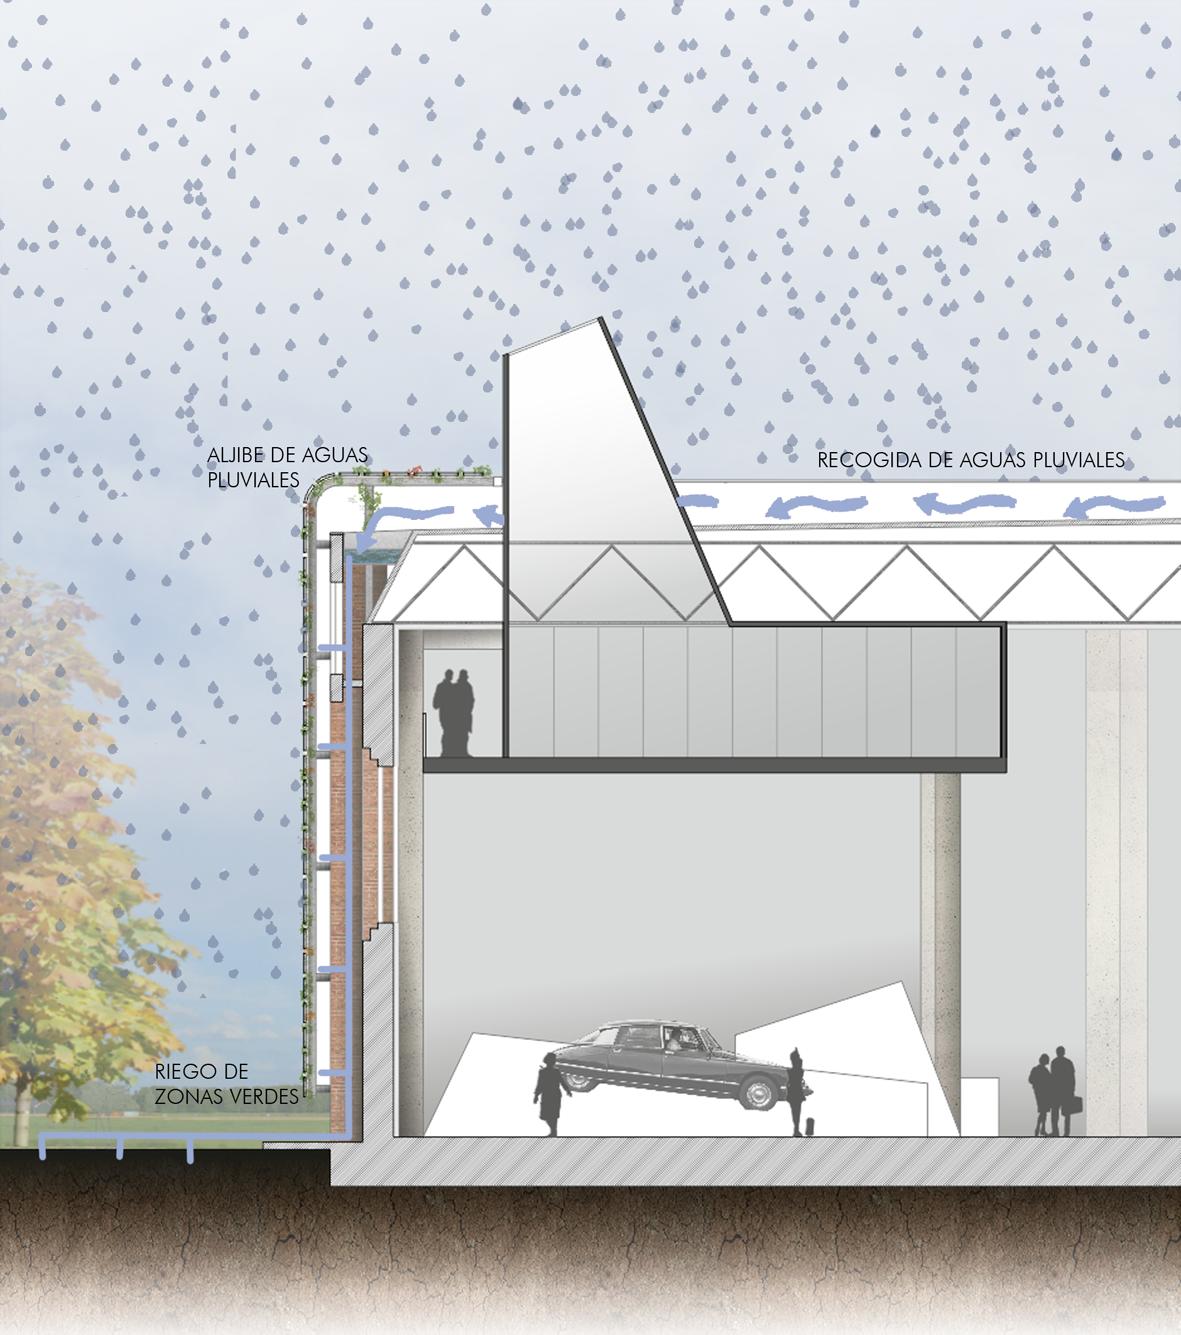 Recogida de aguas pluviales mm arquitectura - Recogida aguas pluviales ...